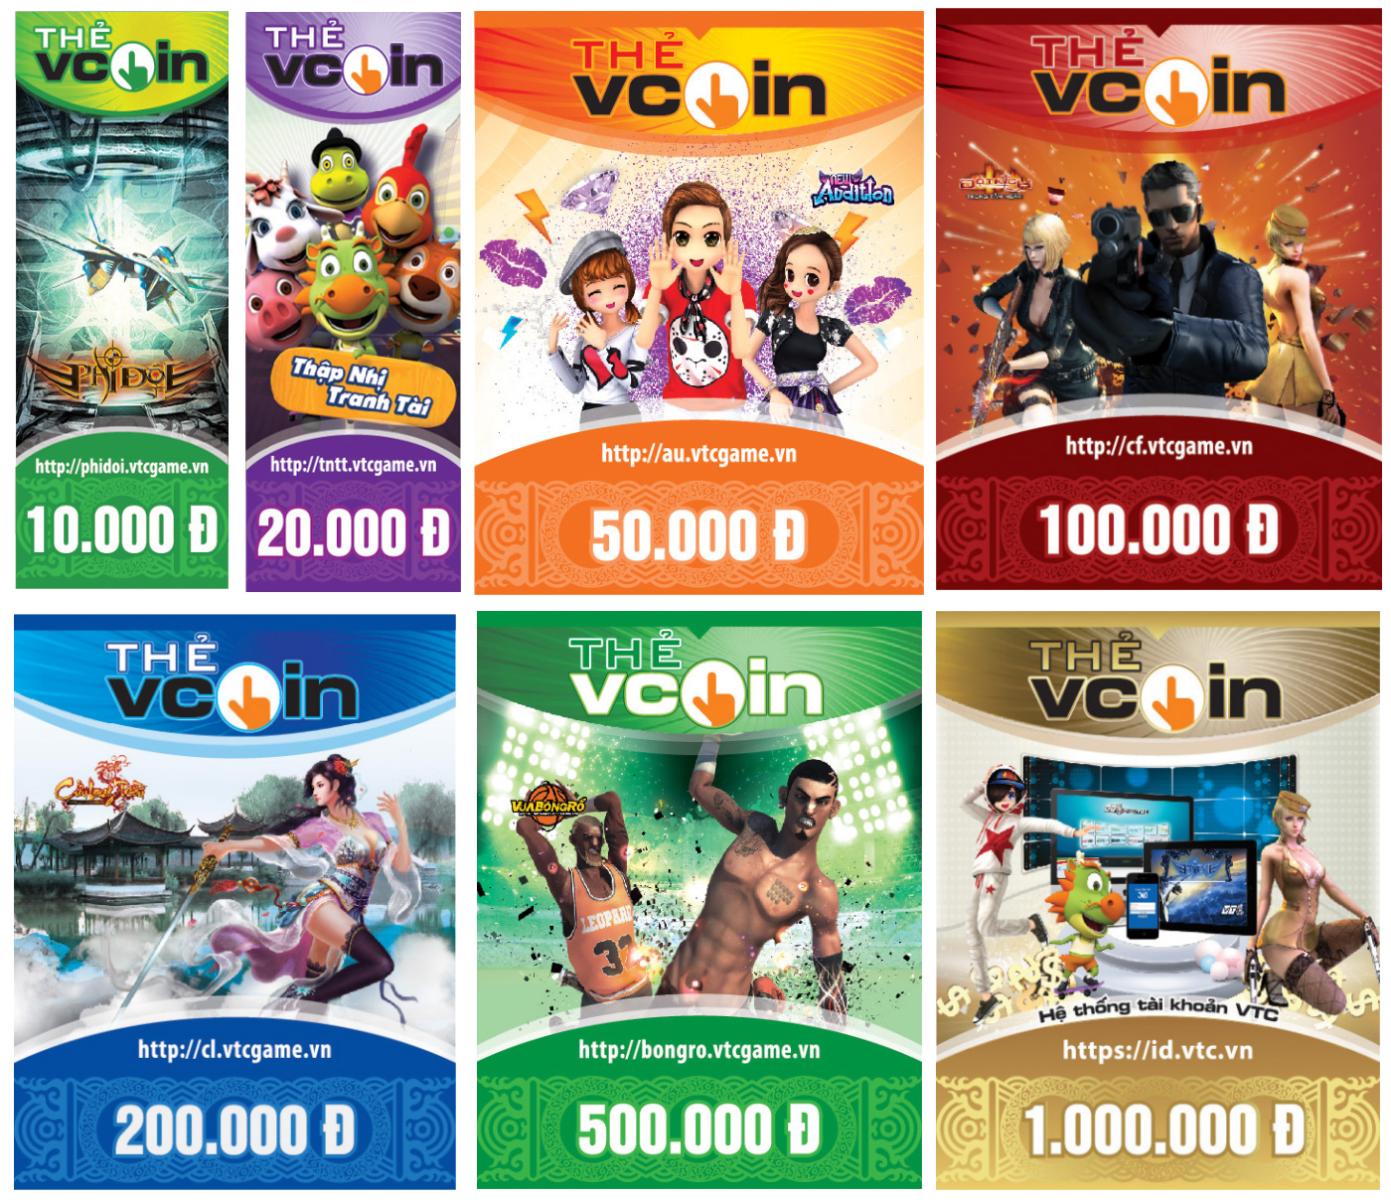 Mua thẻ vcoin online và những điều bạn cần biết về chuyển đổi tiền Việt